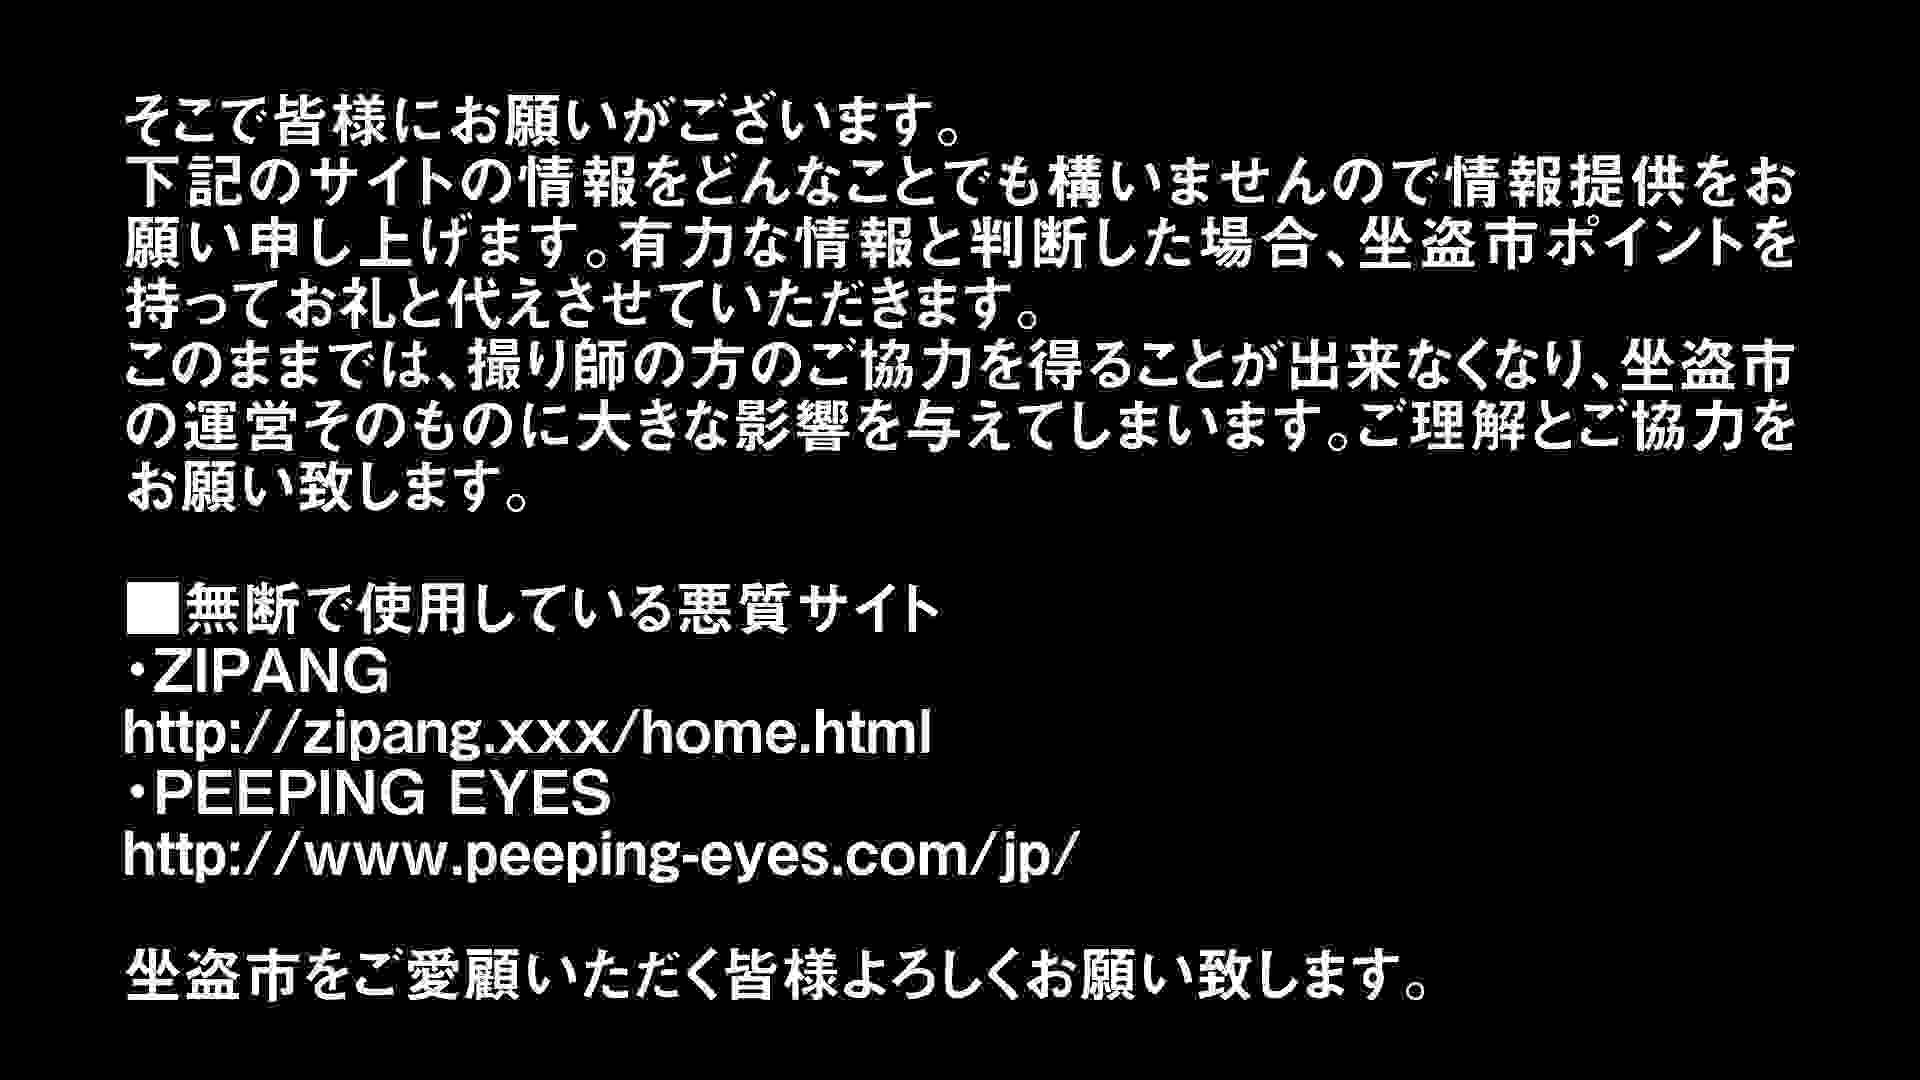 Aquaな露天風呂Vol.299 OLのエロ生活   盗撮  53連発 22